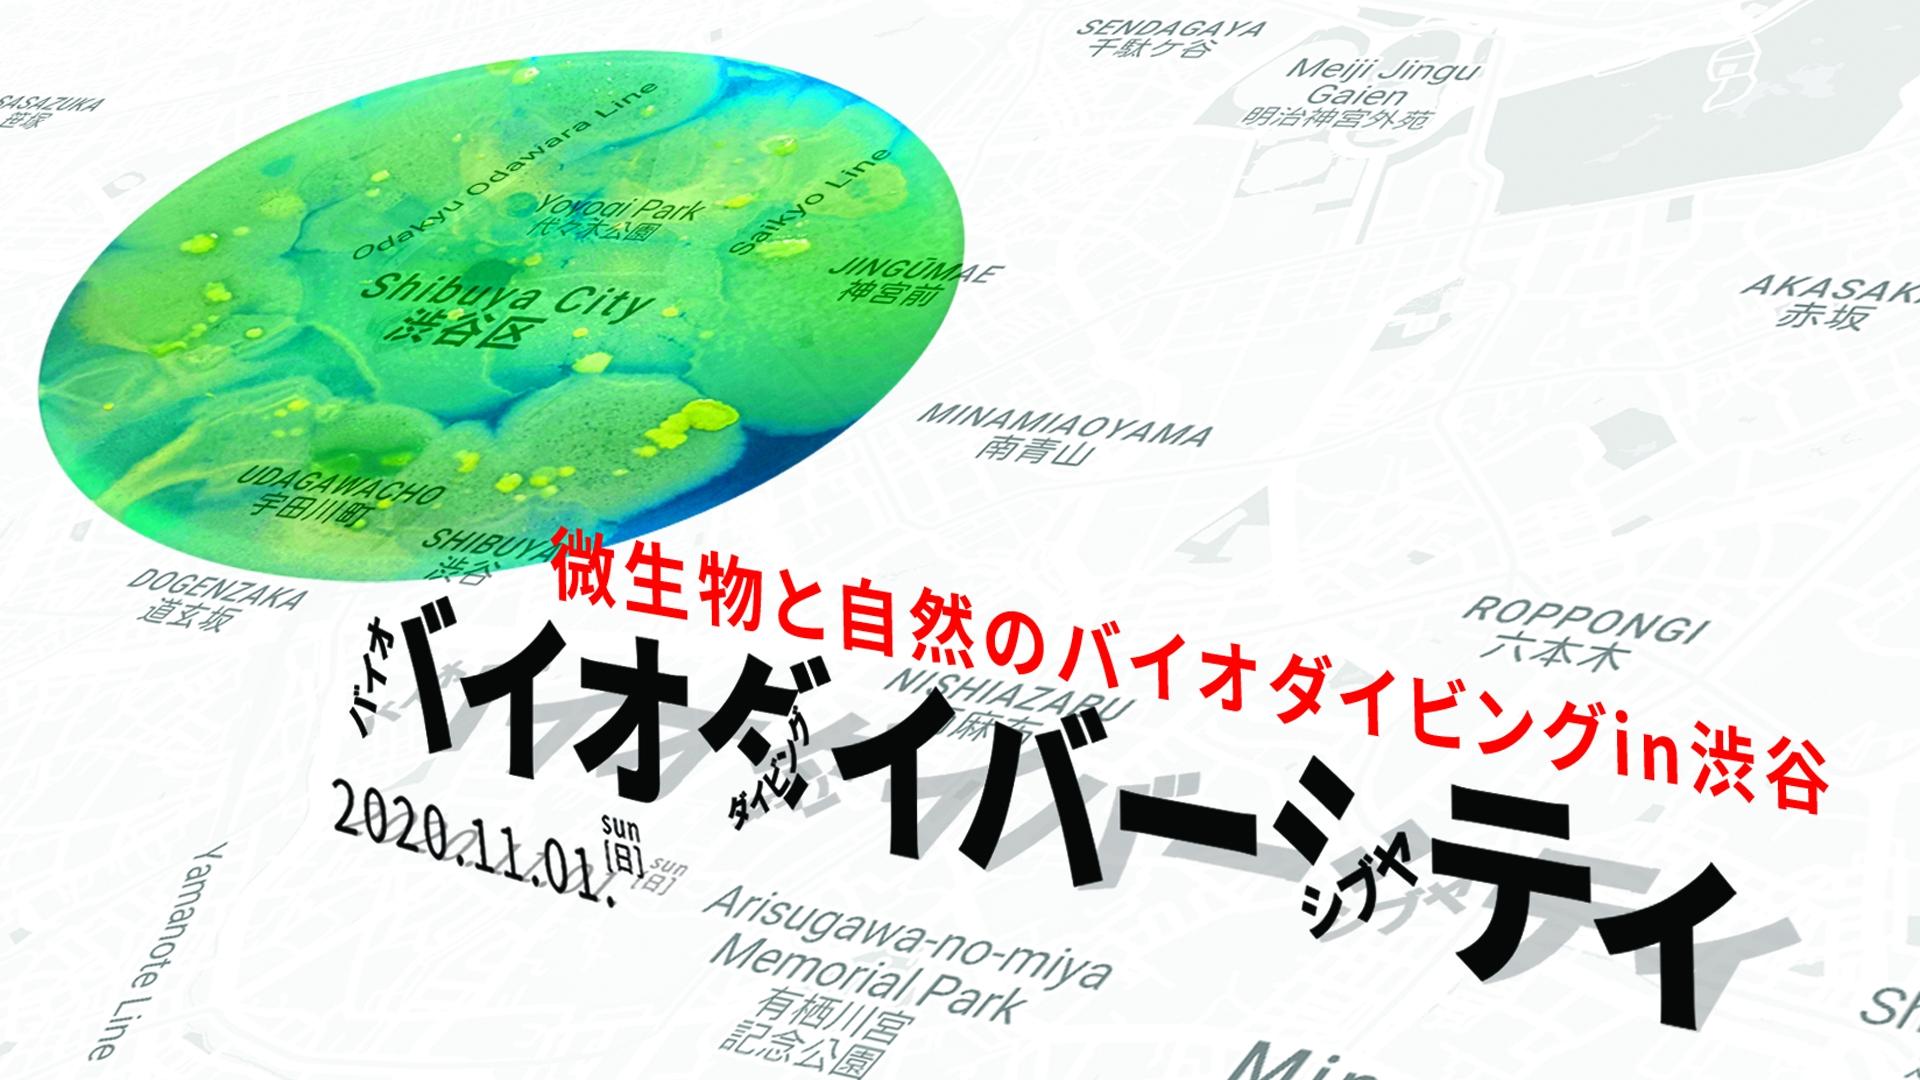 微生物と自然へバイオダイビング in 渋谷 / バイオダイバーシティ